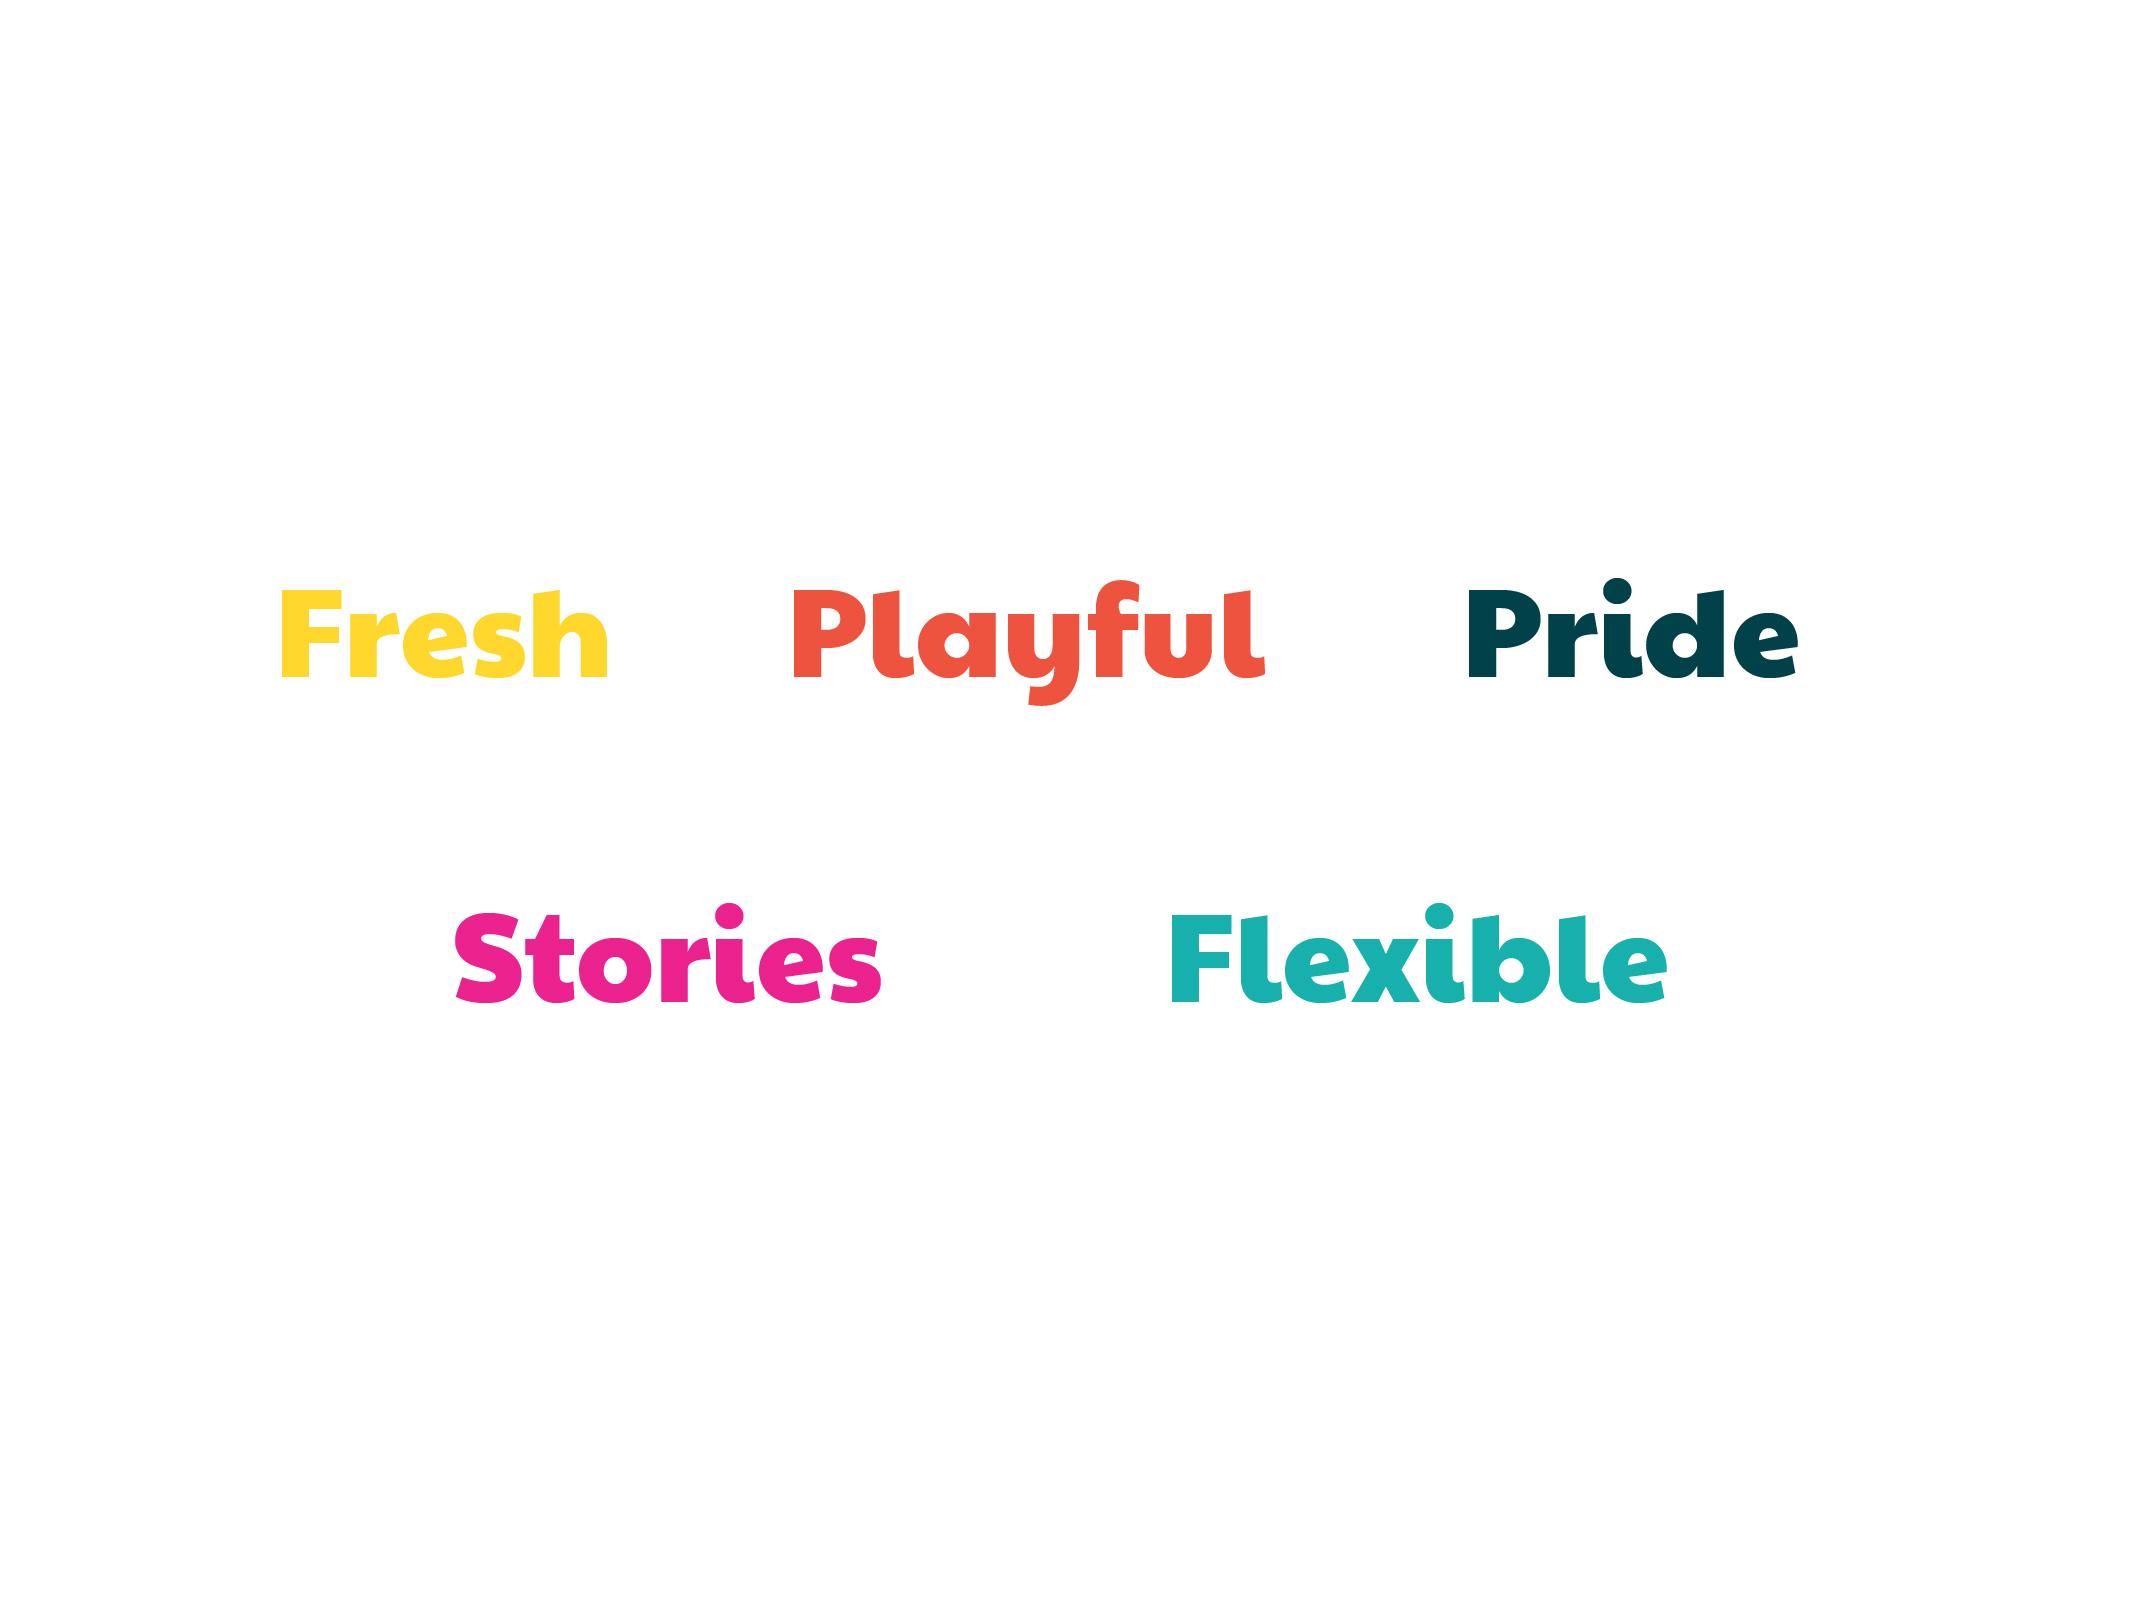 RoundTableBooks-Branding-Marssaie-Studio-04.jpg